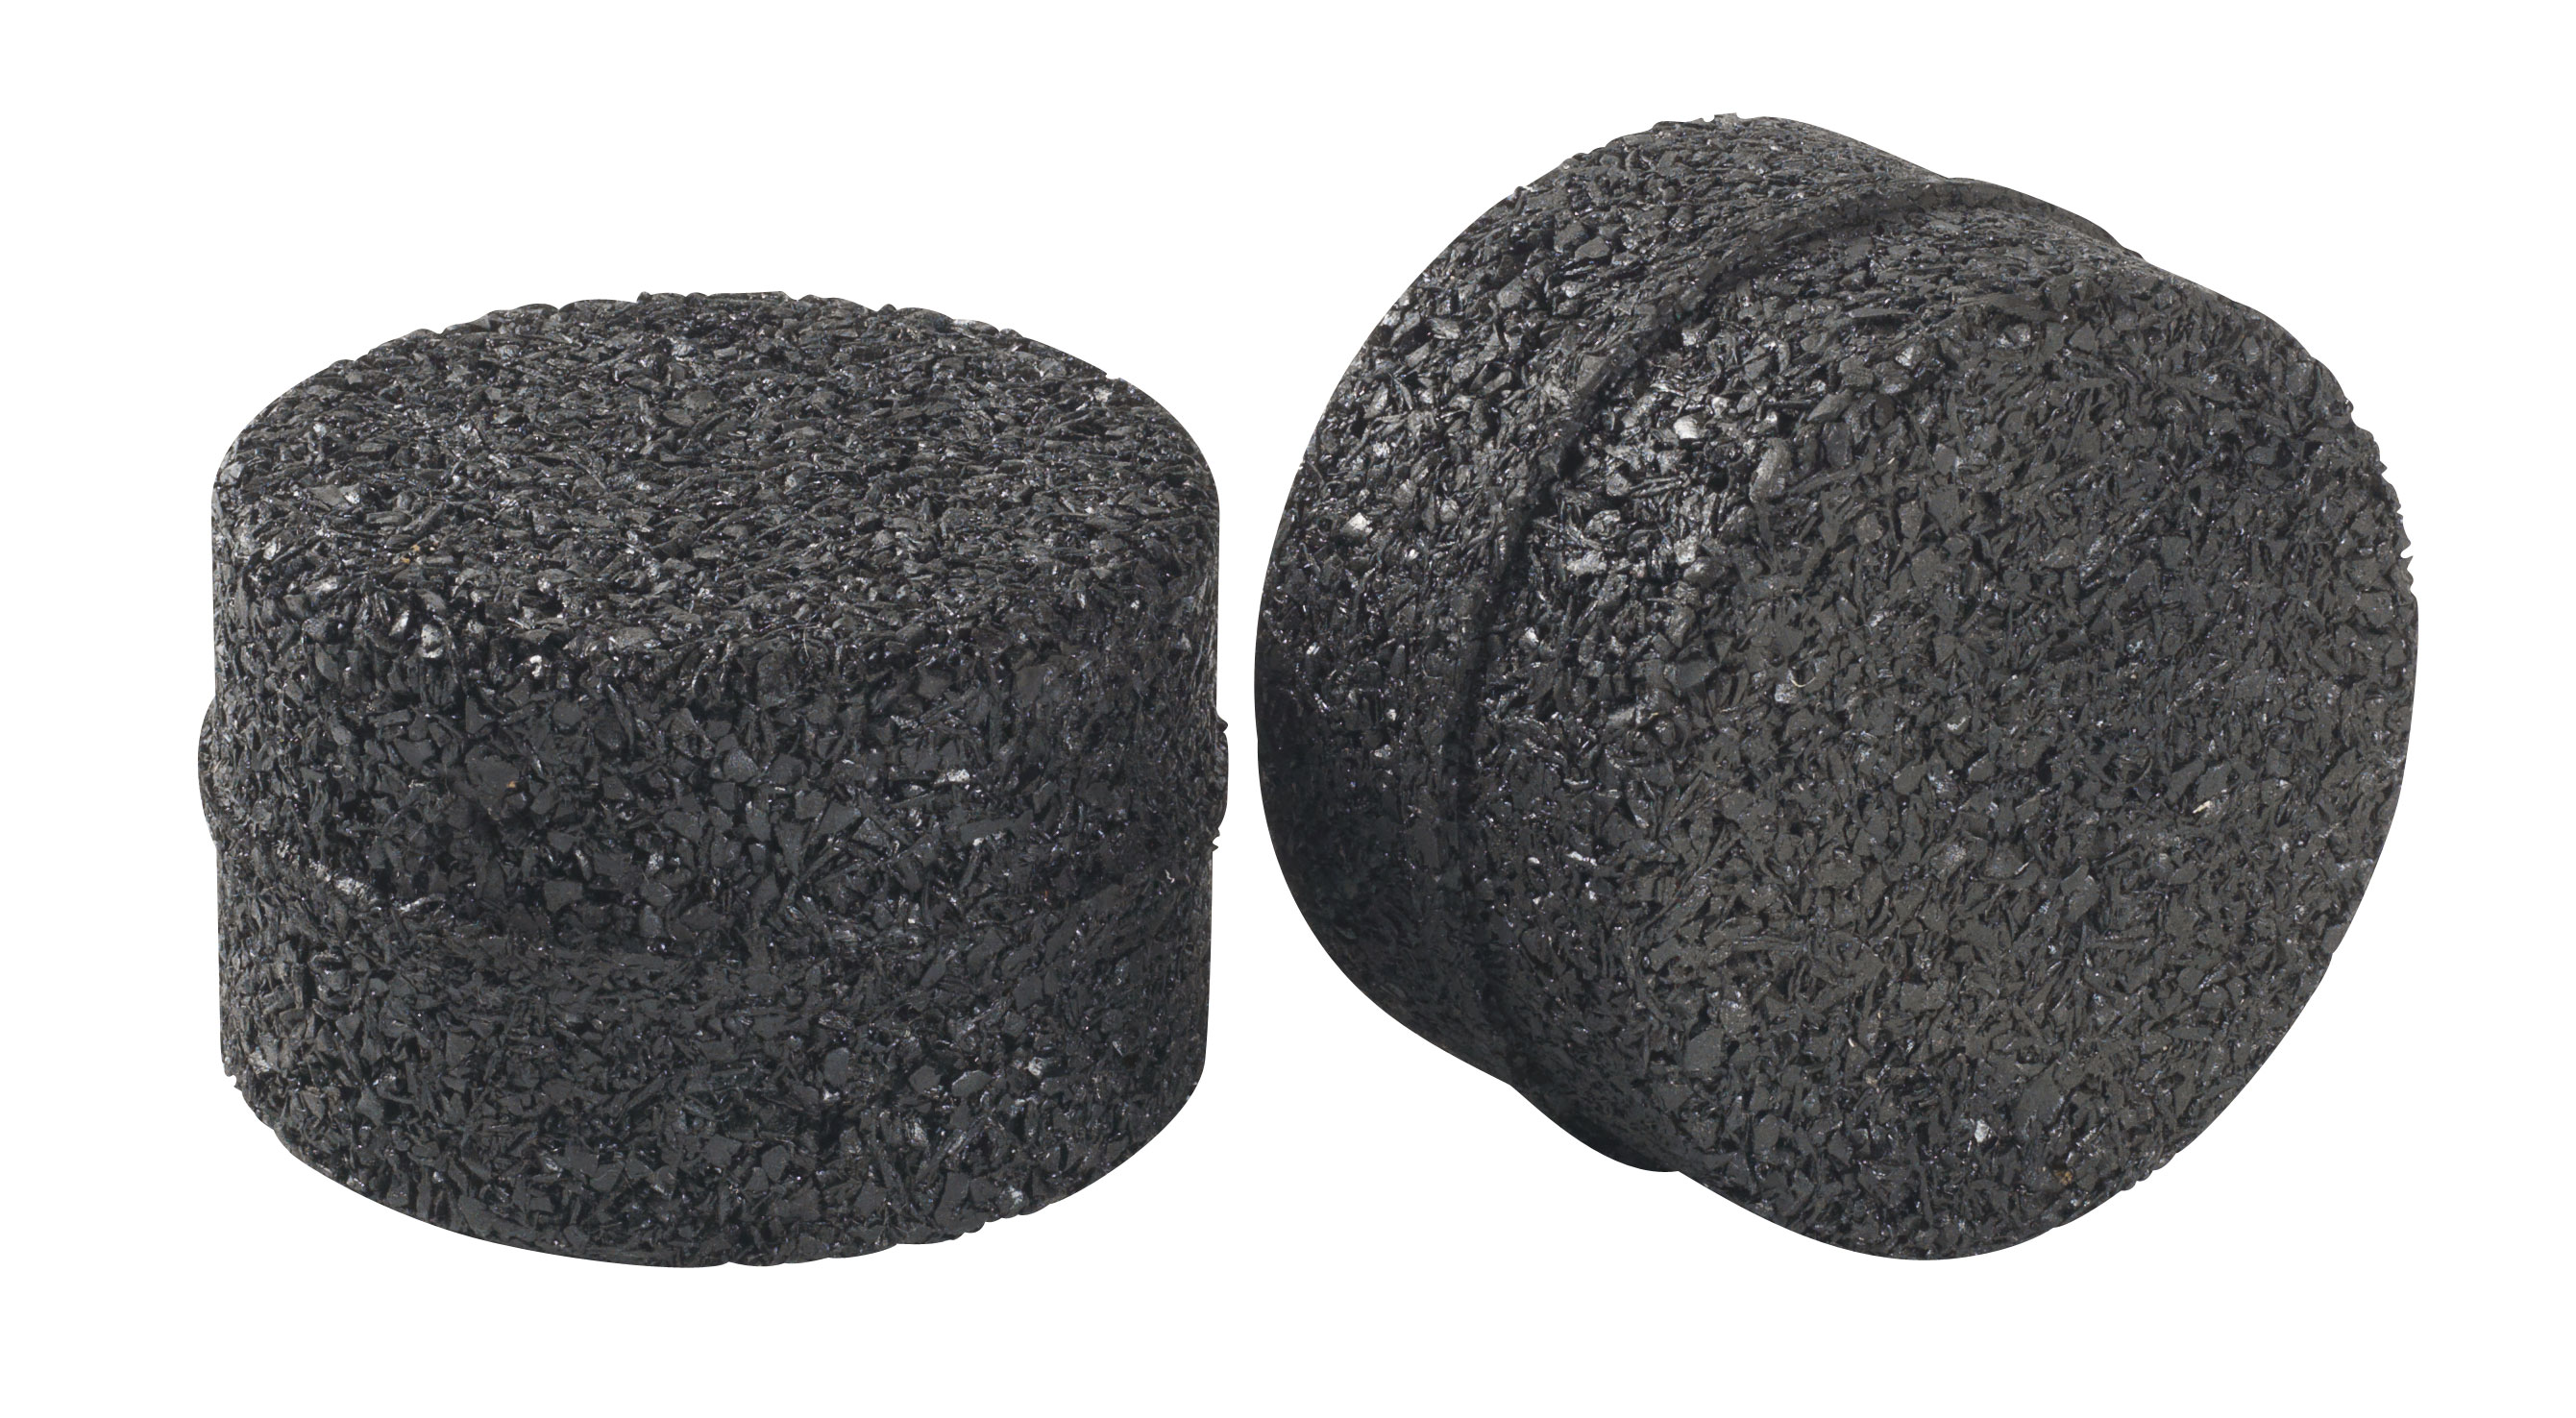 PIPE Verlängerungsbuchse / Modulsystem Gummi Plus Ø10cm 2 Stück Bild 1